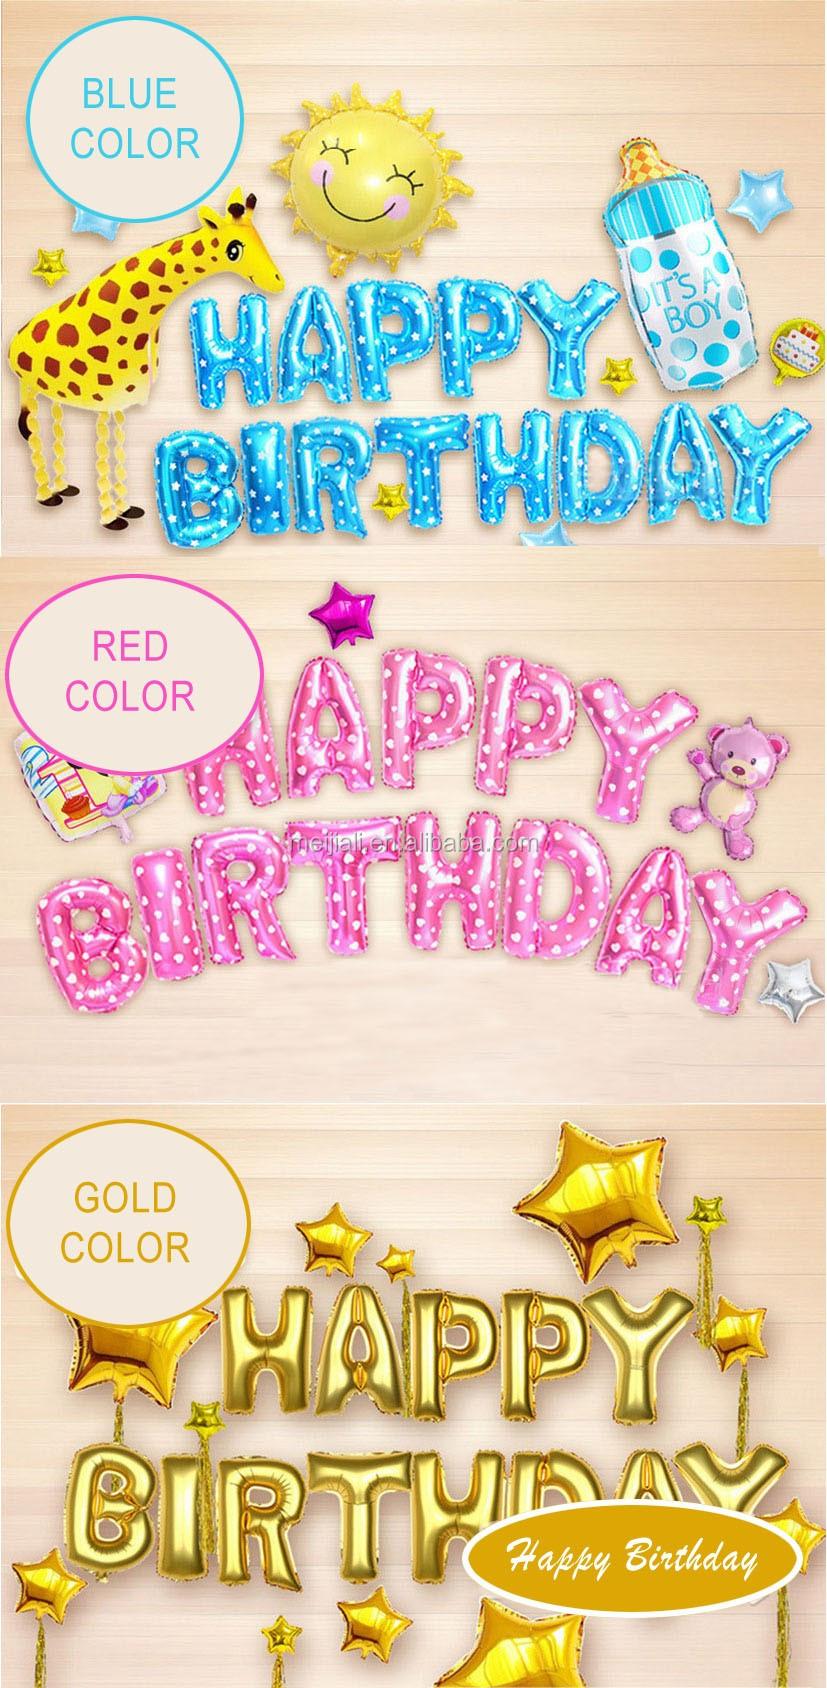 Personalizado Festa Feliz Aniversário Decoração Folha de Carta Balão Definir Ar Balões de Látex Inflável